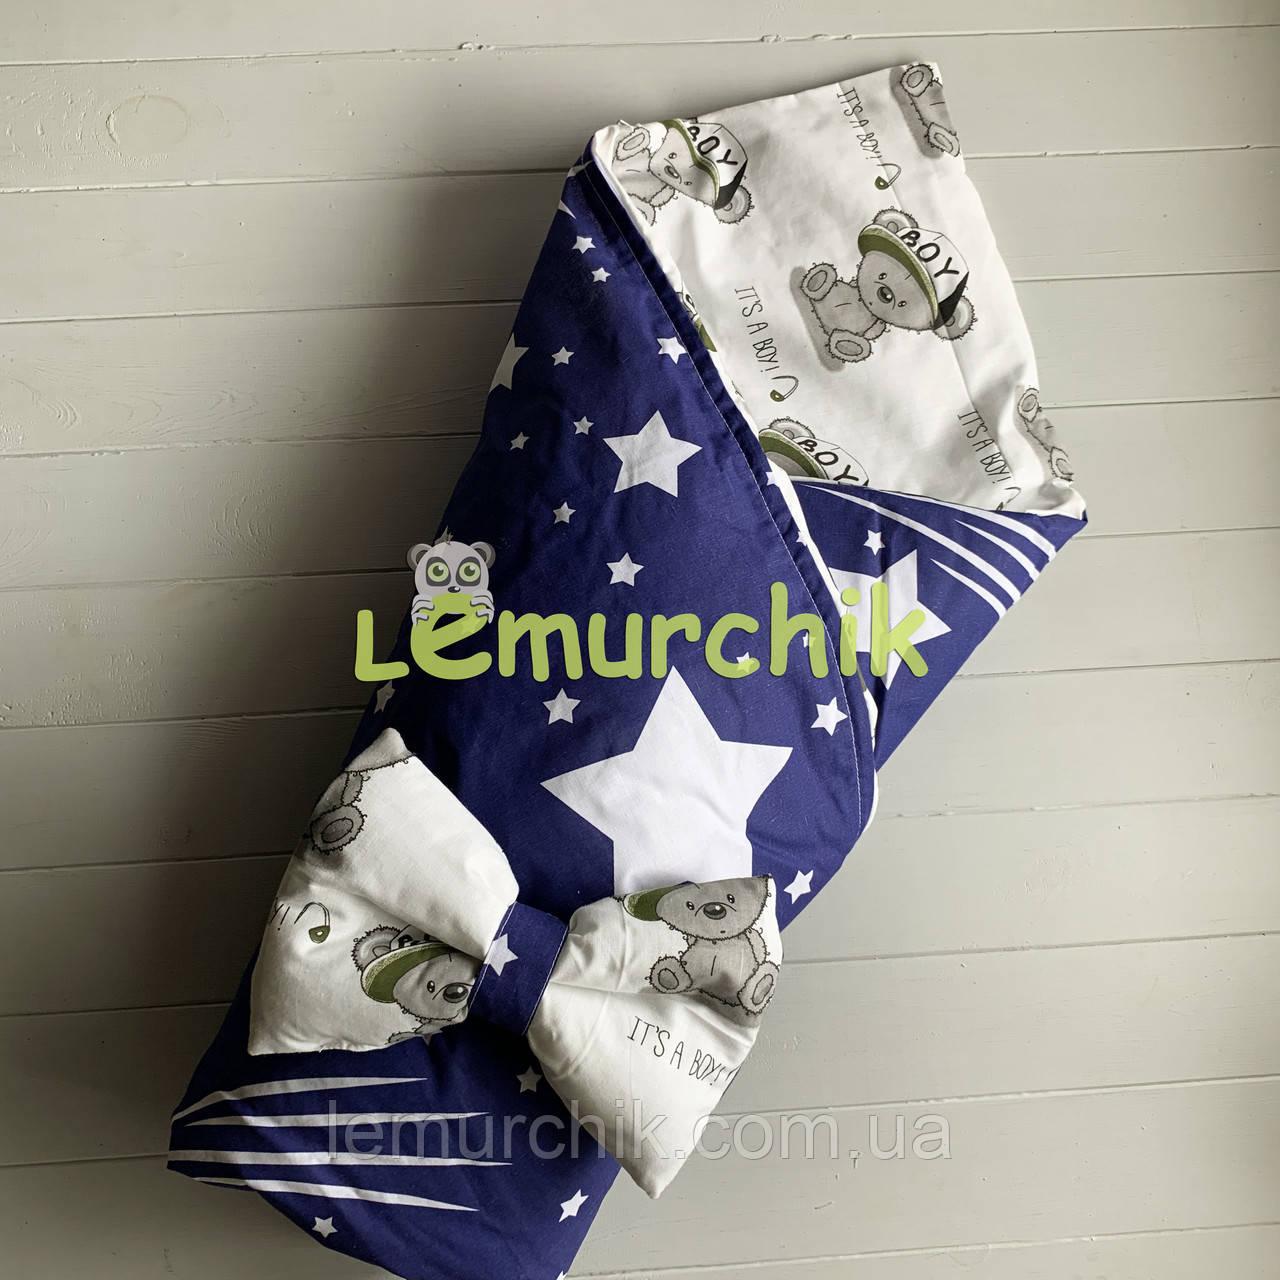 Конверт-одеяло двухсторонний, на съемном синтепоне, Мишка бой белый